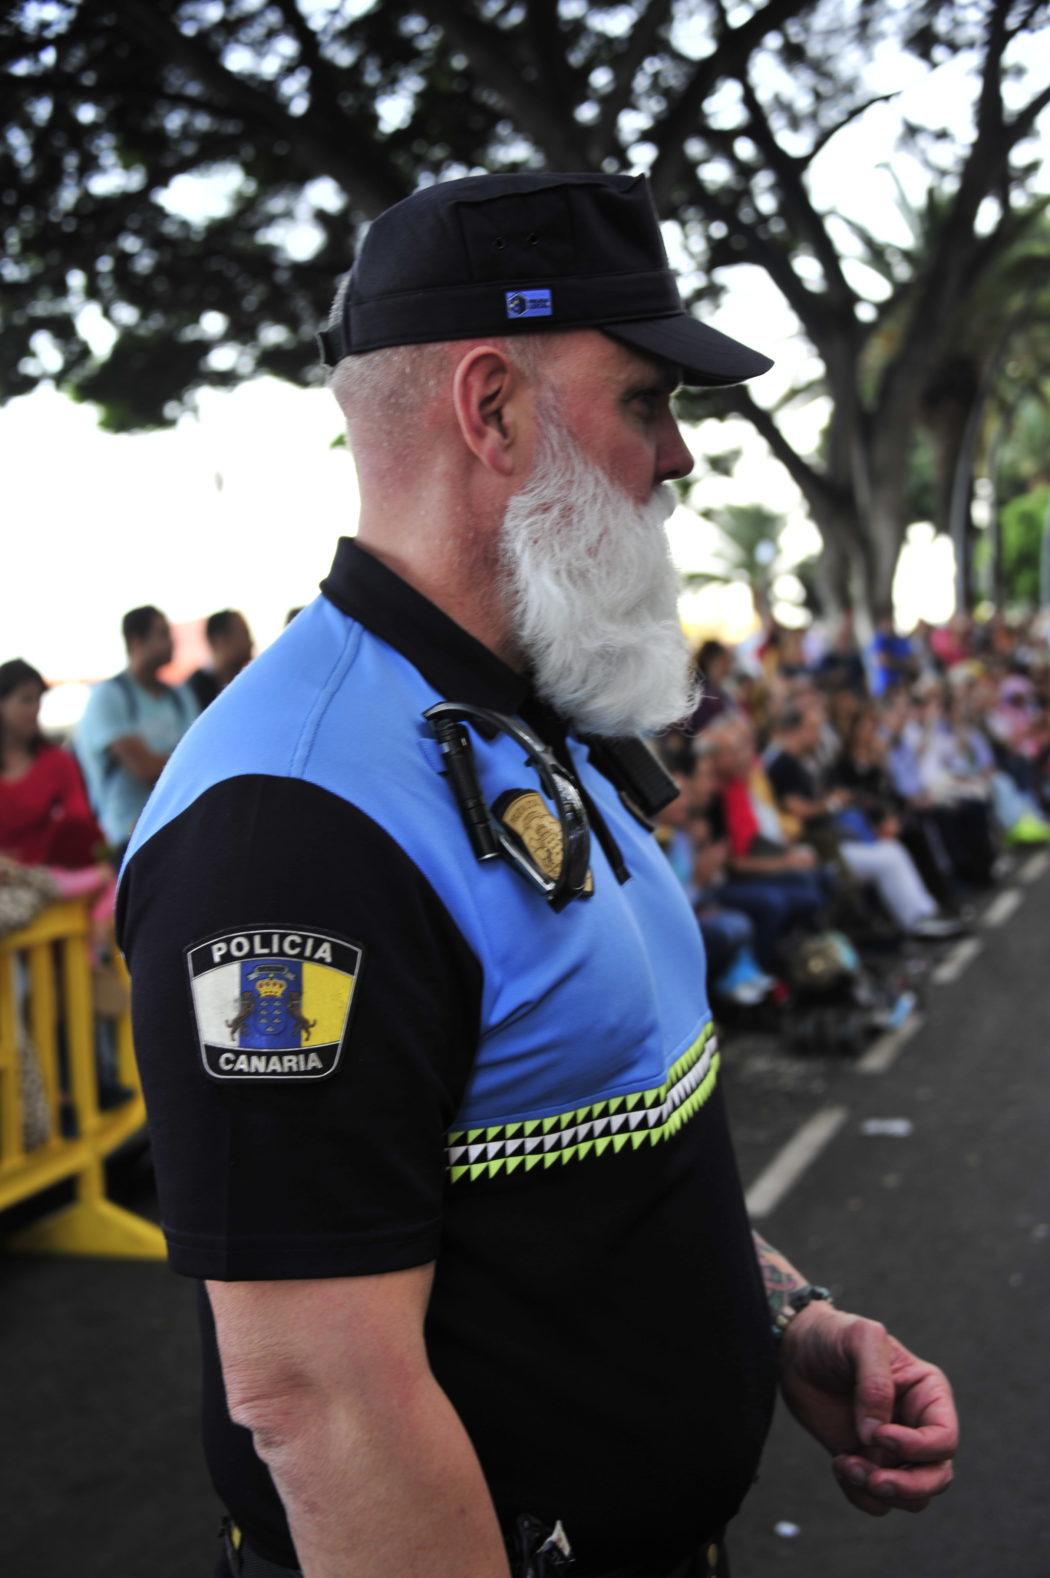 Su tutti vigila la polizia delle Canarie.